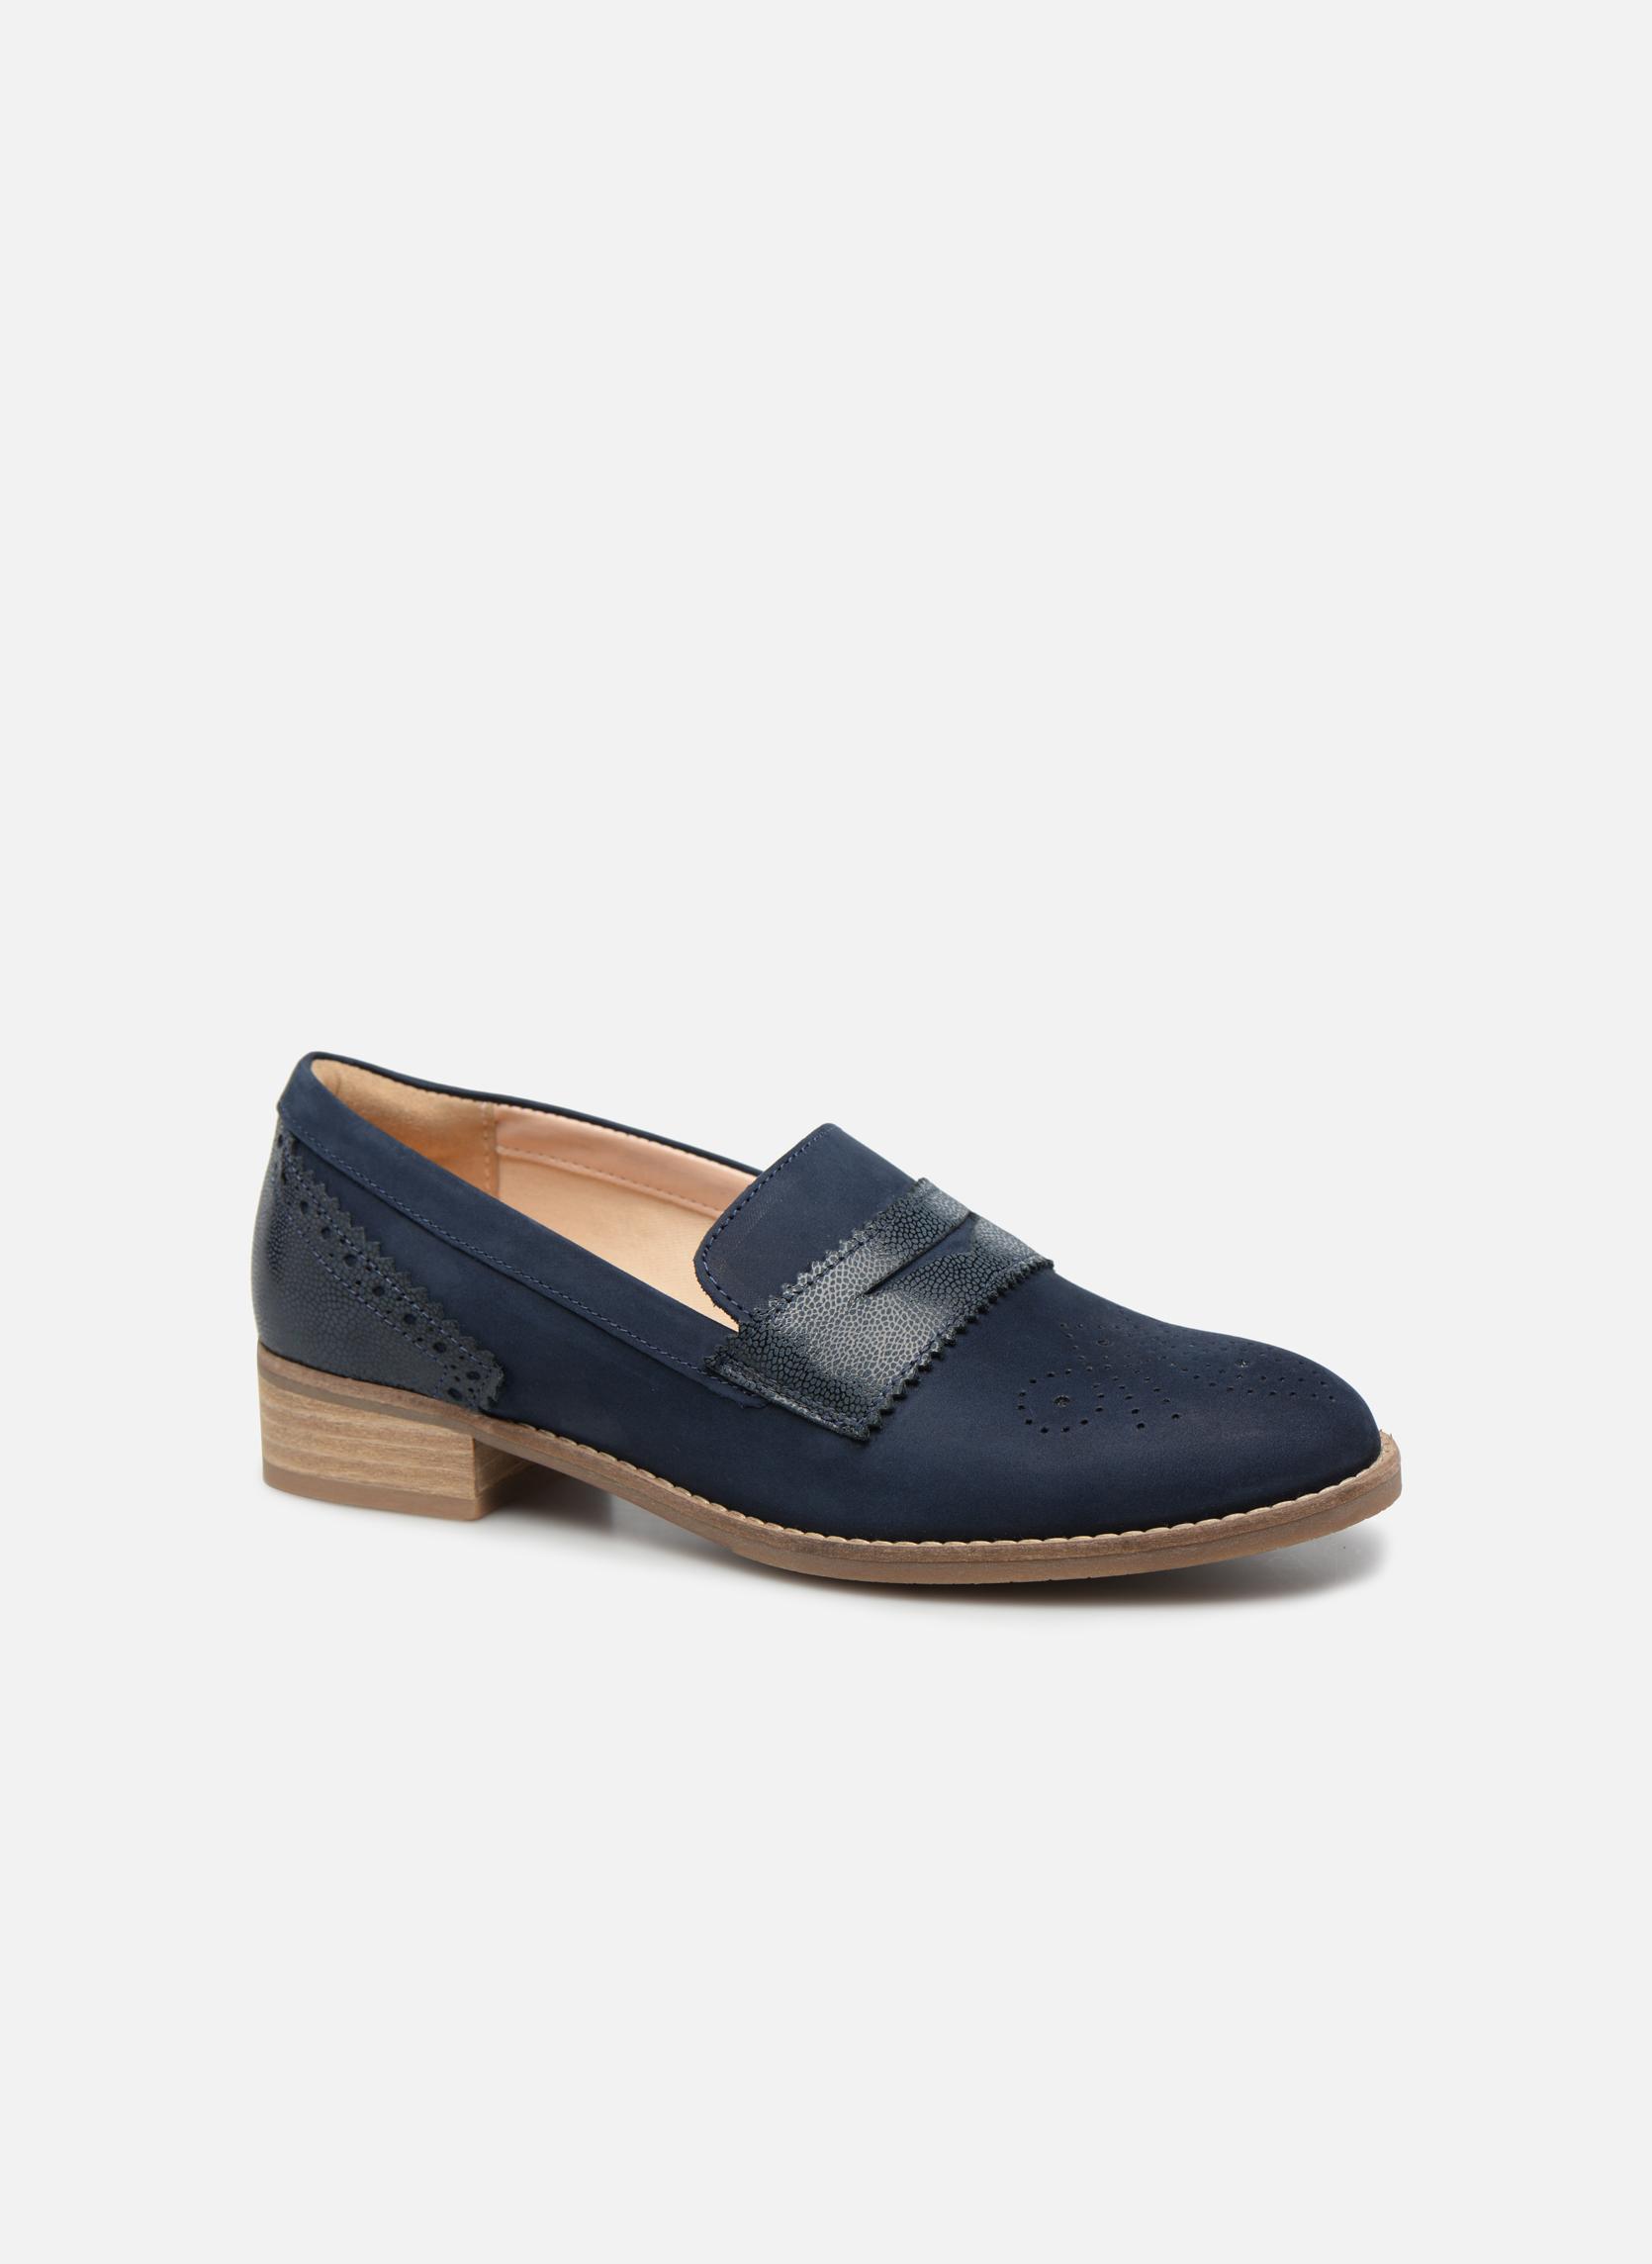 Grandes descuentos últimos zapatos Clarks Netley Lola (Azul) - Mocasines Descuento